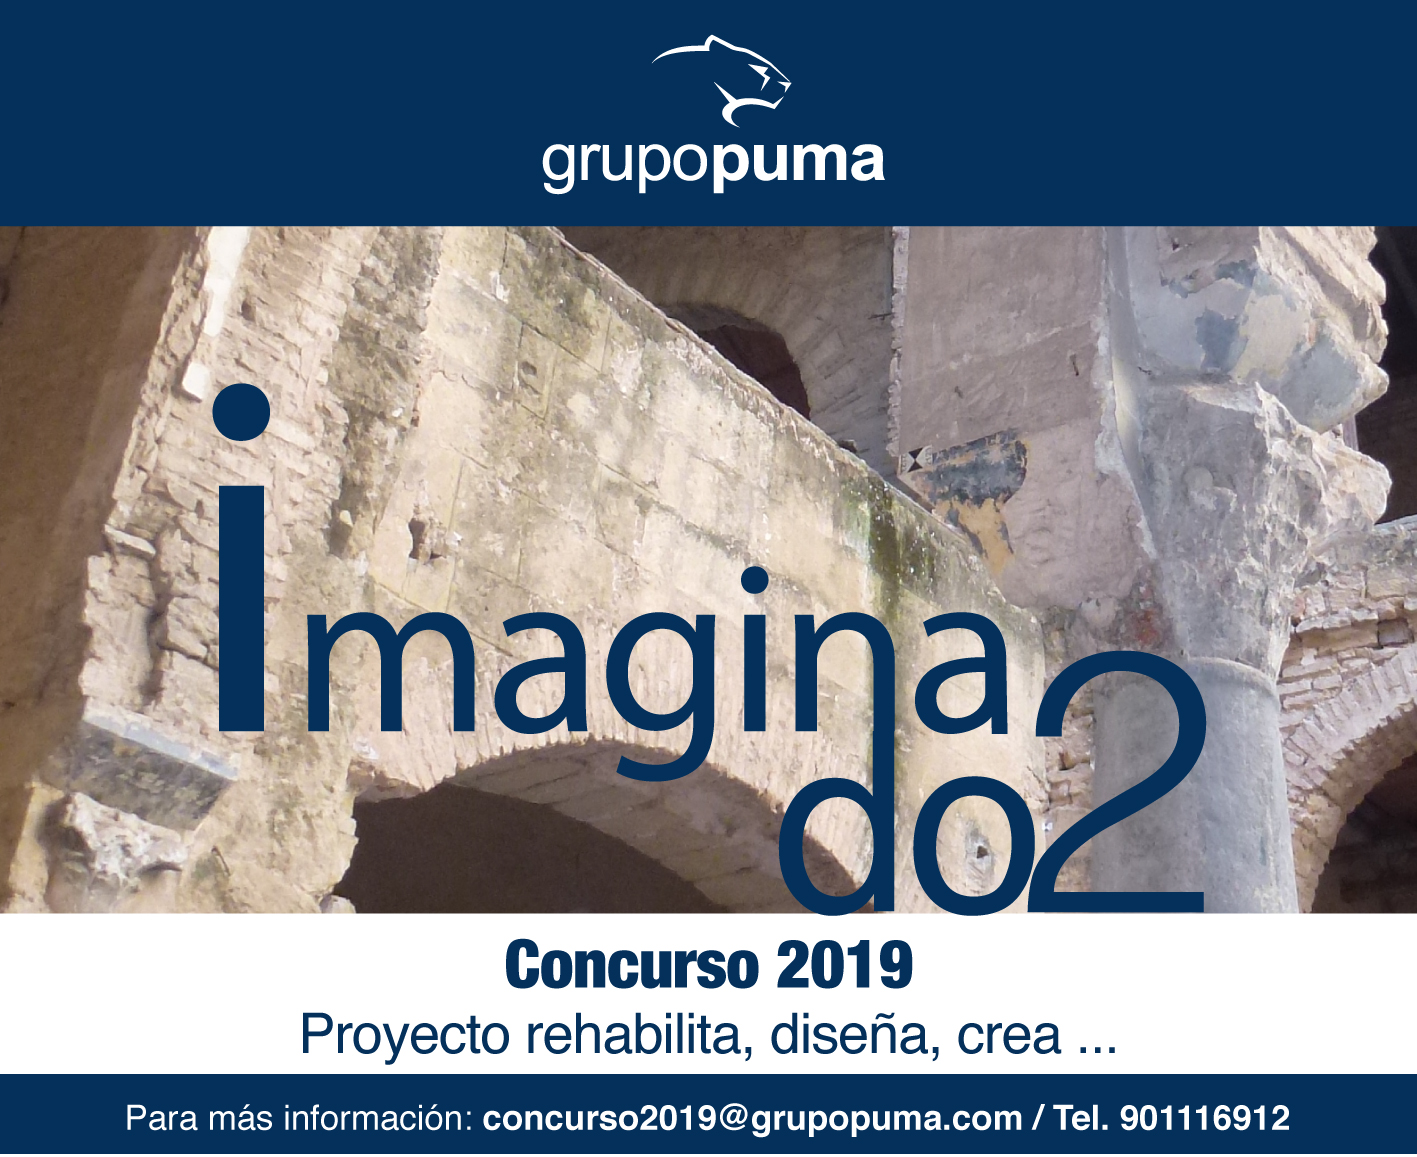 Imaginando2 - Nueva edición del concurso Proyecto, Rehabilita, Diseña, Crea...